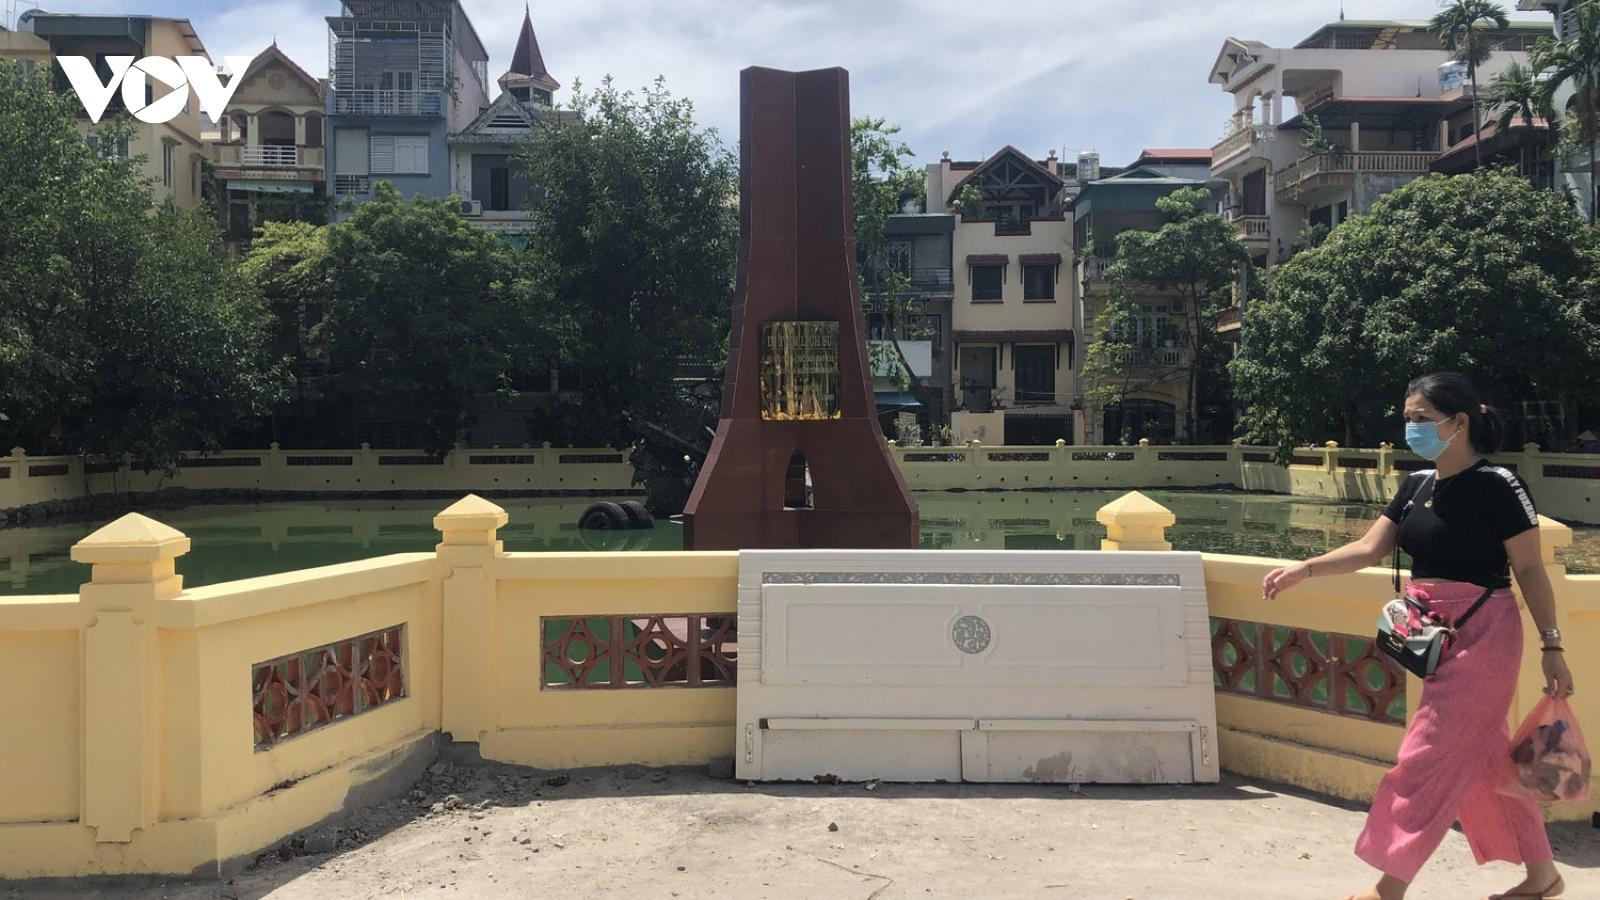 Có gây úng ngập sau khi cải tạo di tích Hồ Hữu Tiệp?